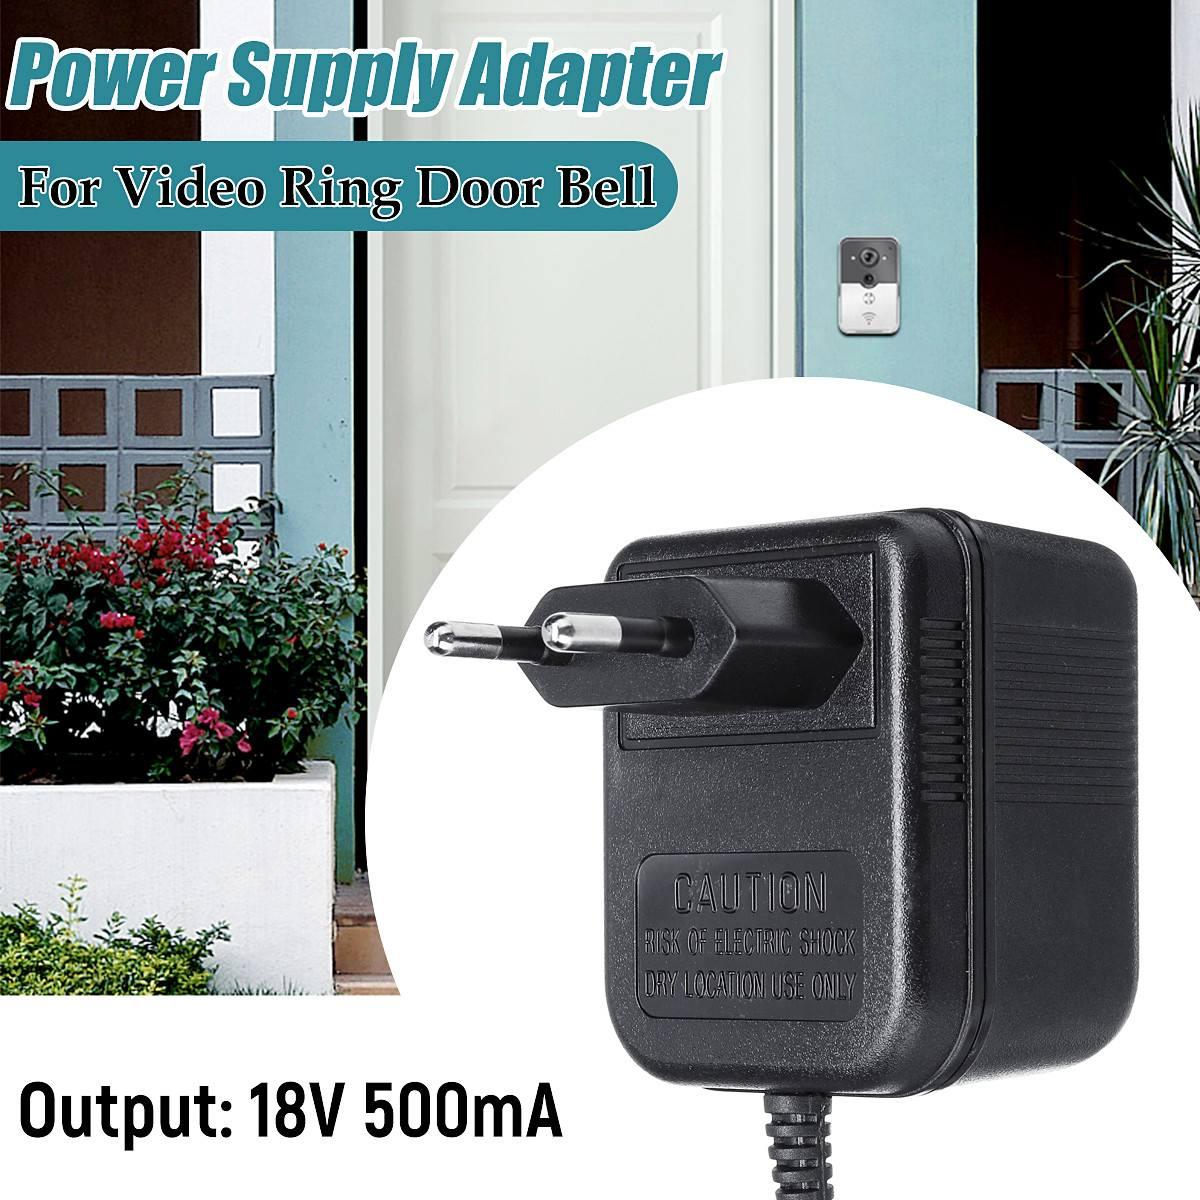 18V AC Transformer Wifi Doorbell Camera Power Adapter for IP Video Intercom Ring Wireless Doorbell 230V Converter Adapter EU18V AC Transformer Wifi Doorbell Camera Power Adapter for IP Video Intercom Ring Wireless Doorbell 230V Converter Adapter EU